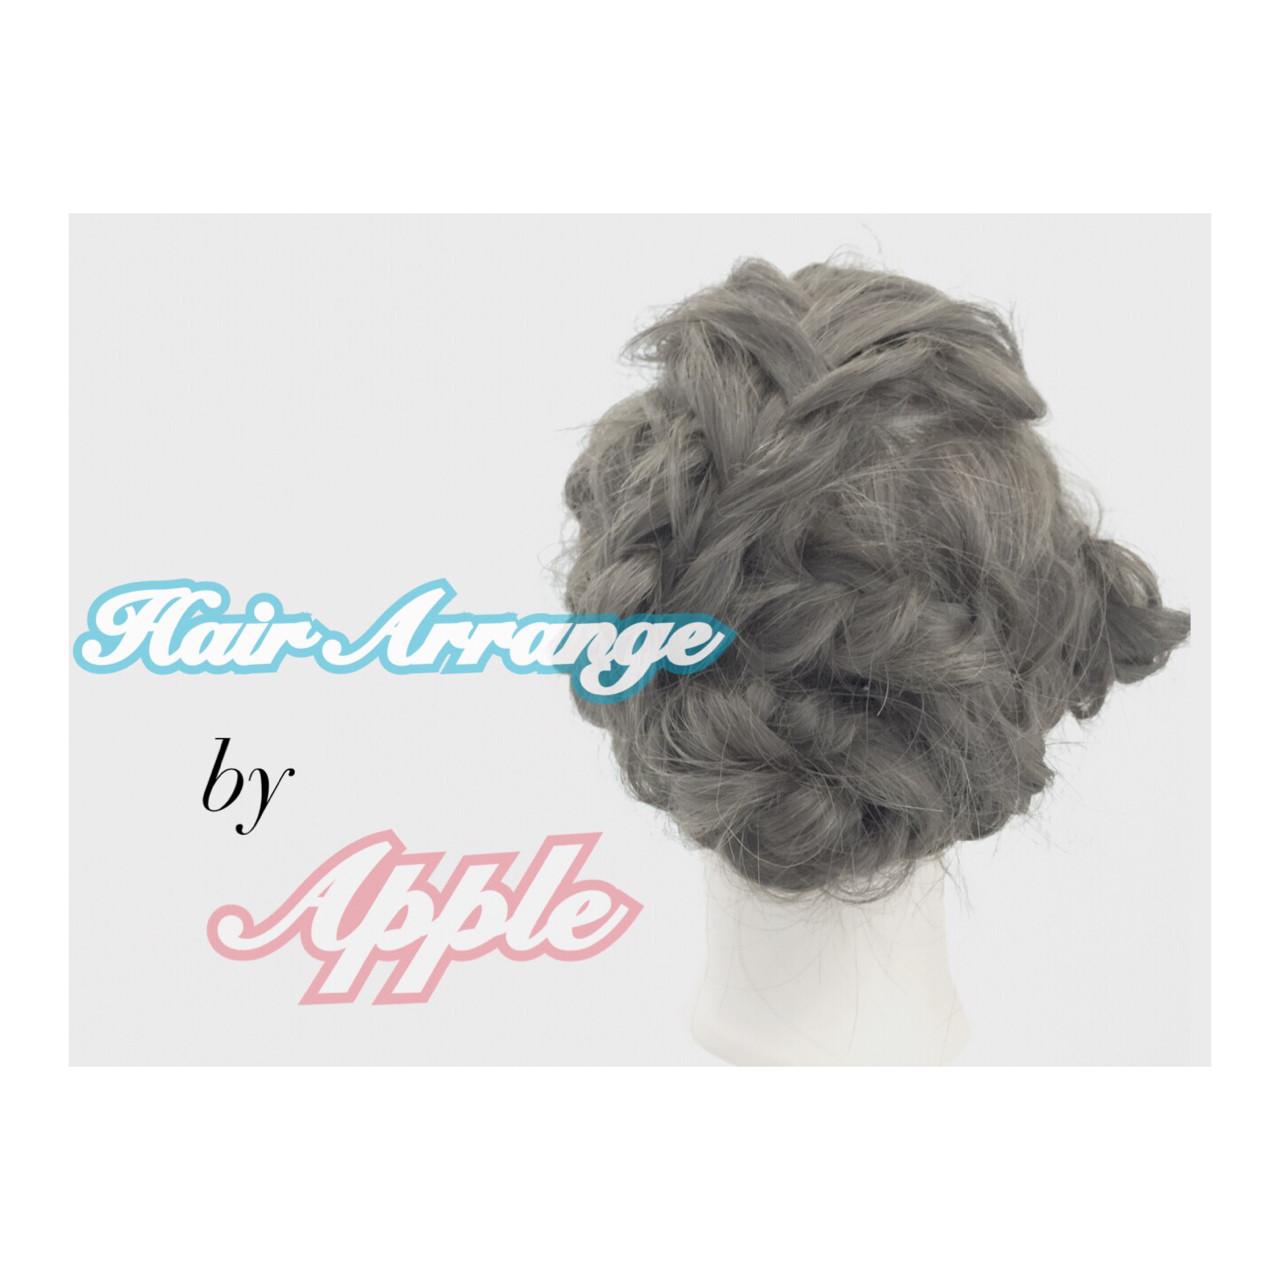 簡単ヘアアレンジ セミロング ヘアアレンジ 波ウェーブ ヘアスタイルや髪型の写真・画像 | 【スタイリスト】三谷祐人 / Apple美容室